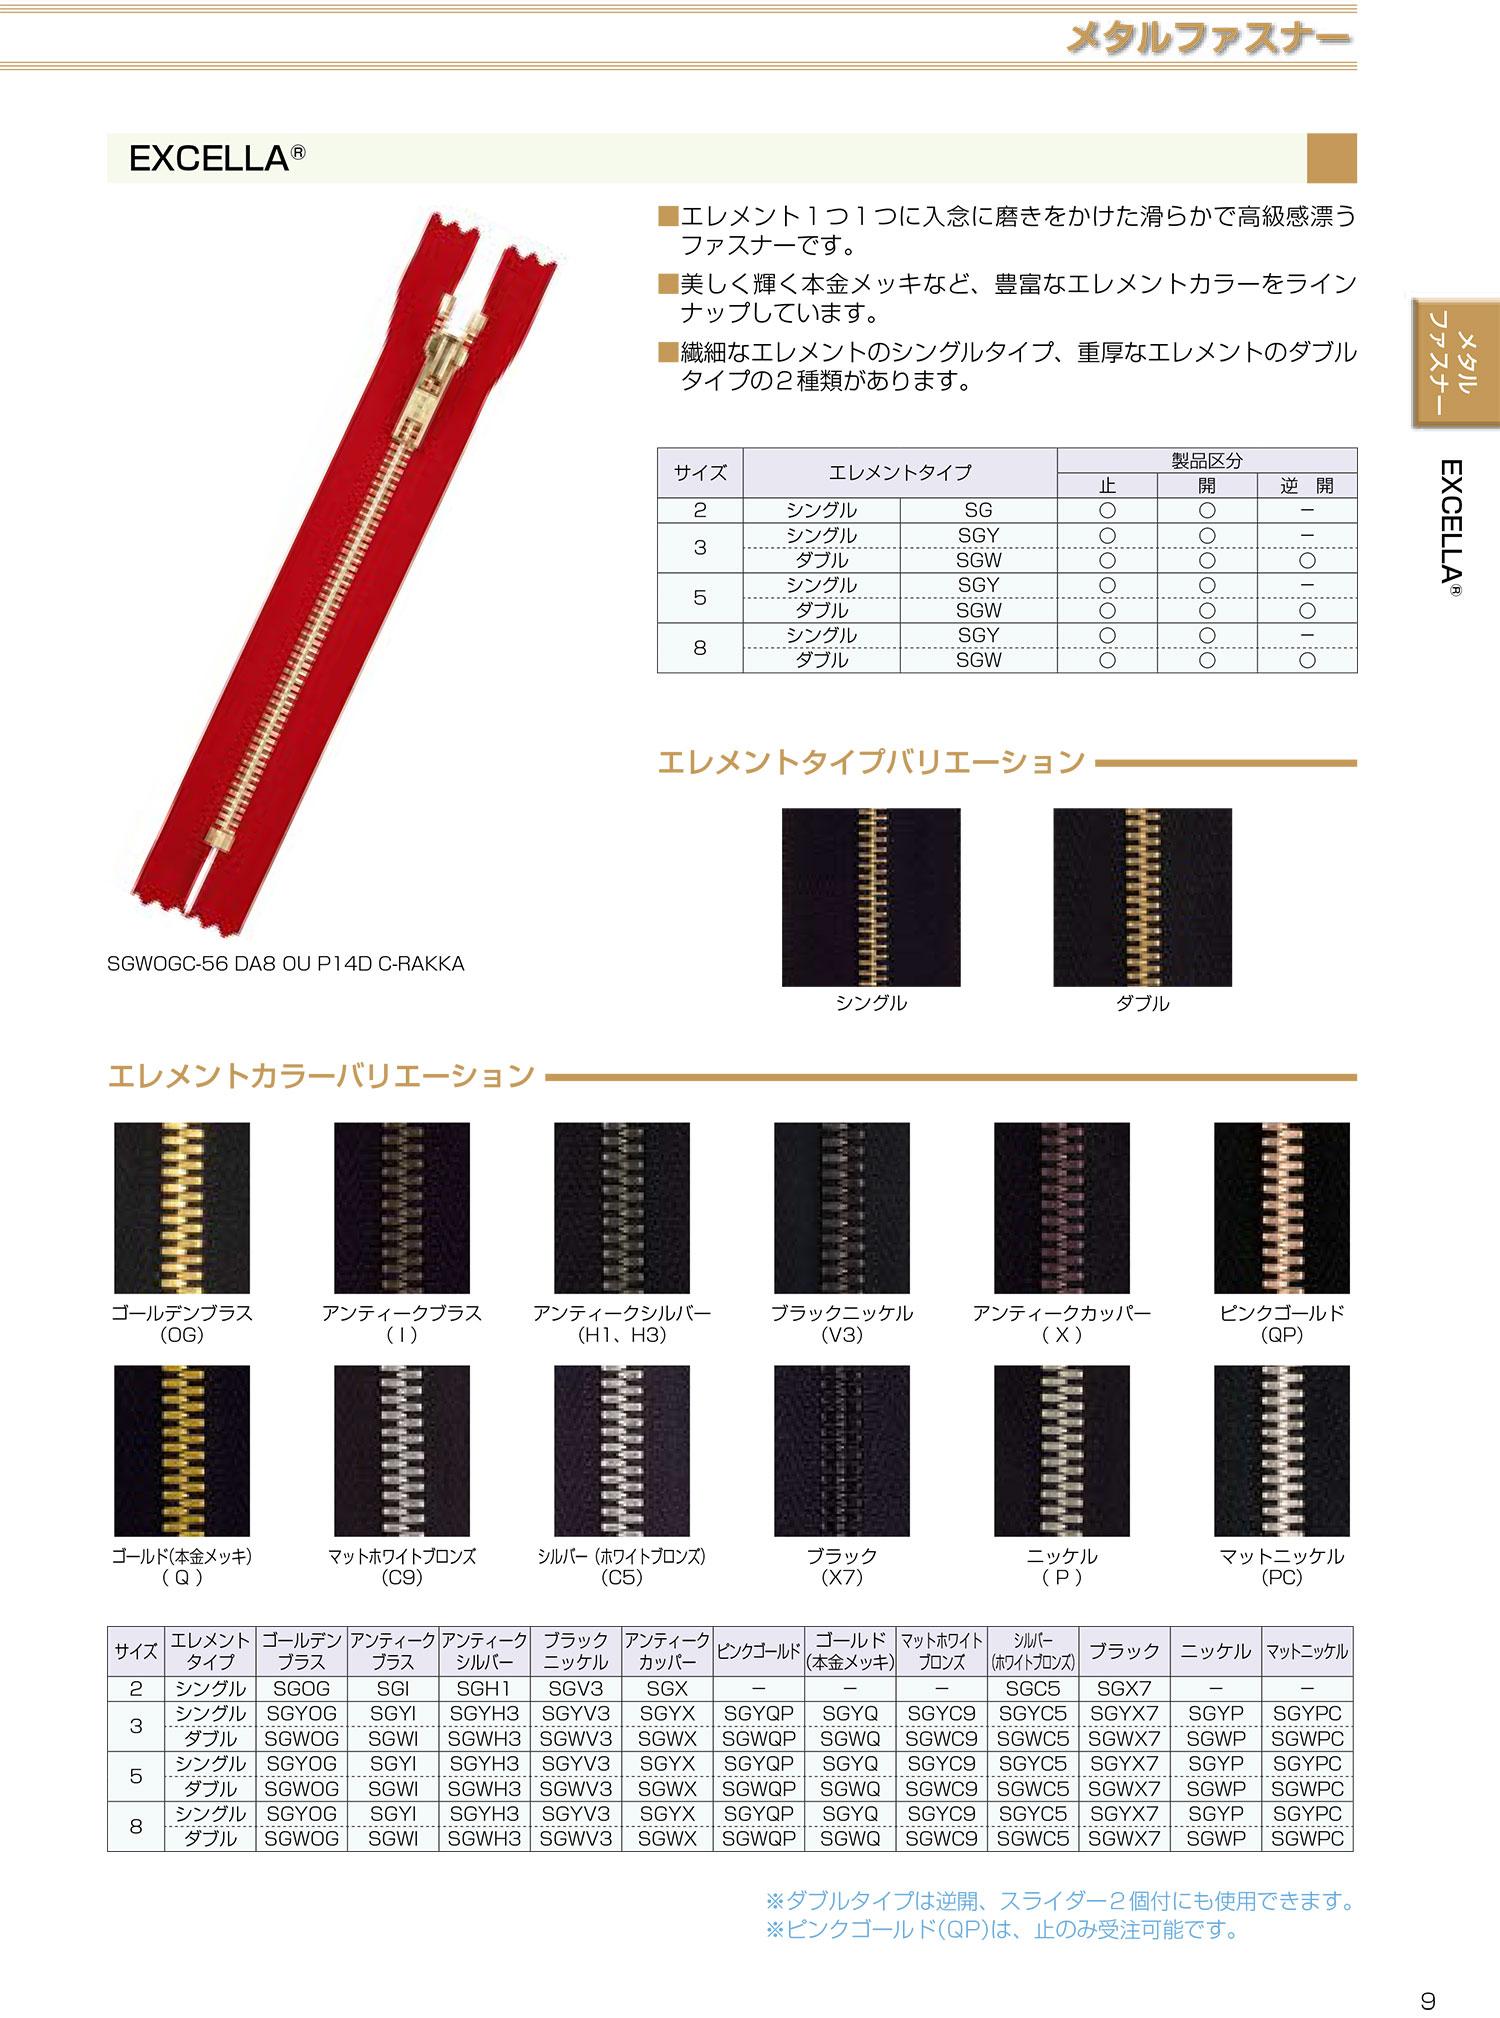 8SGWQOR エクセラ 8サイズ ゴールド(本金) オープン ダブル[ファスナー] YKK/オークラ商事 - ApparelX アパレル資材卸通販